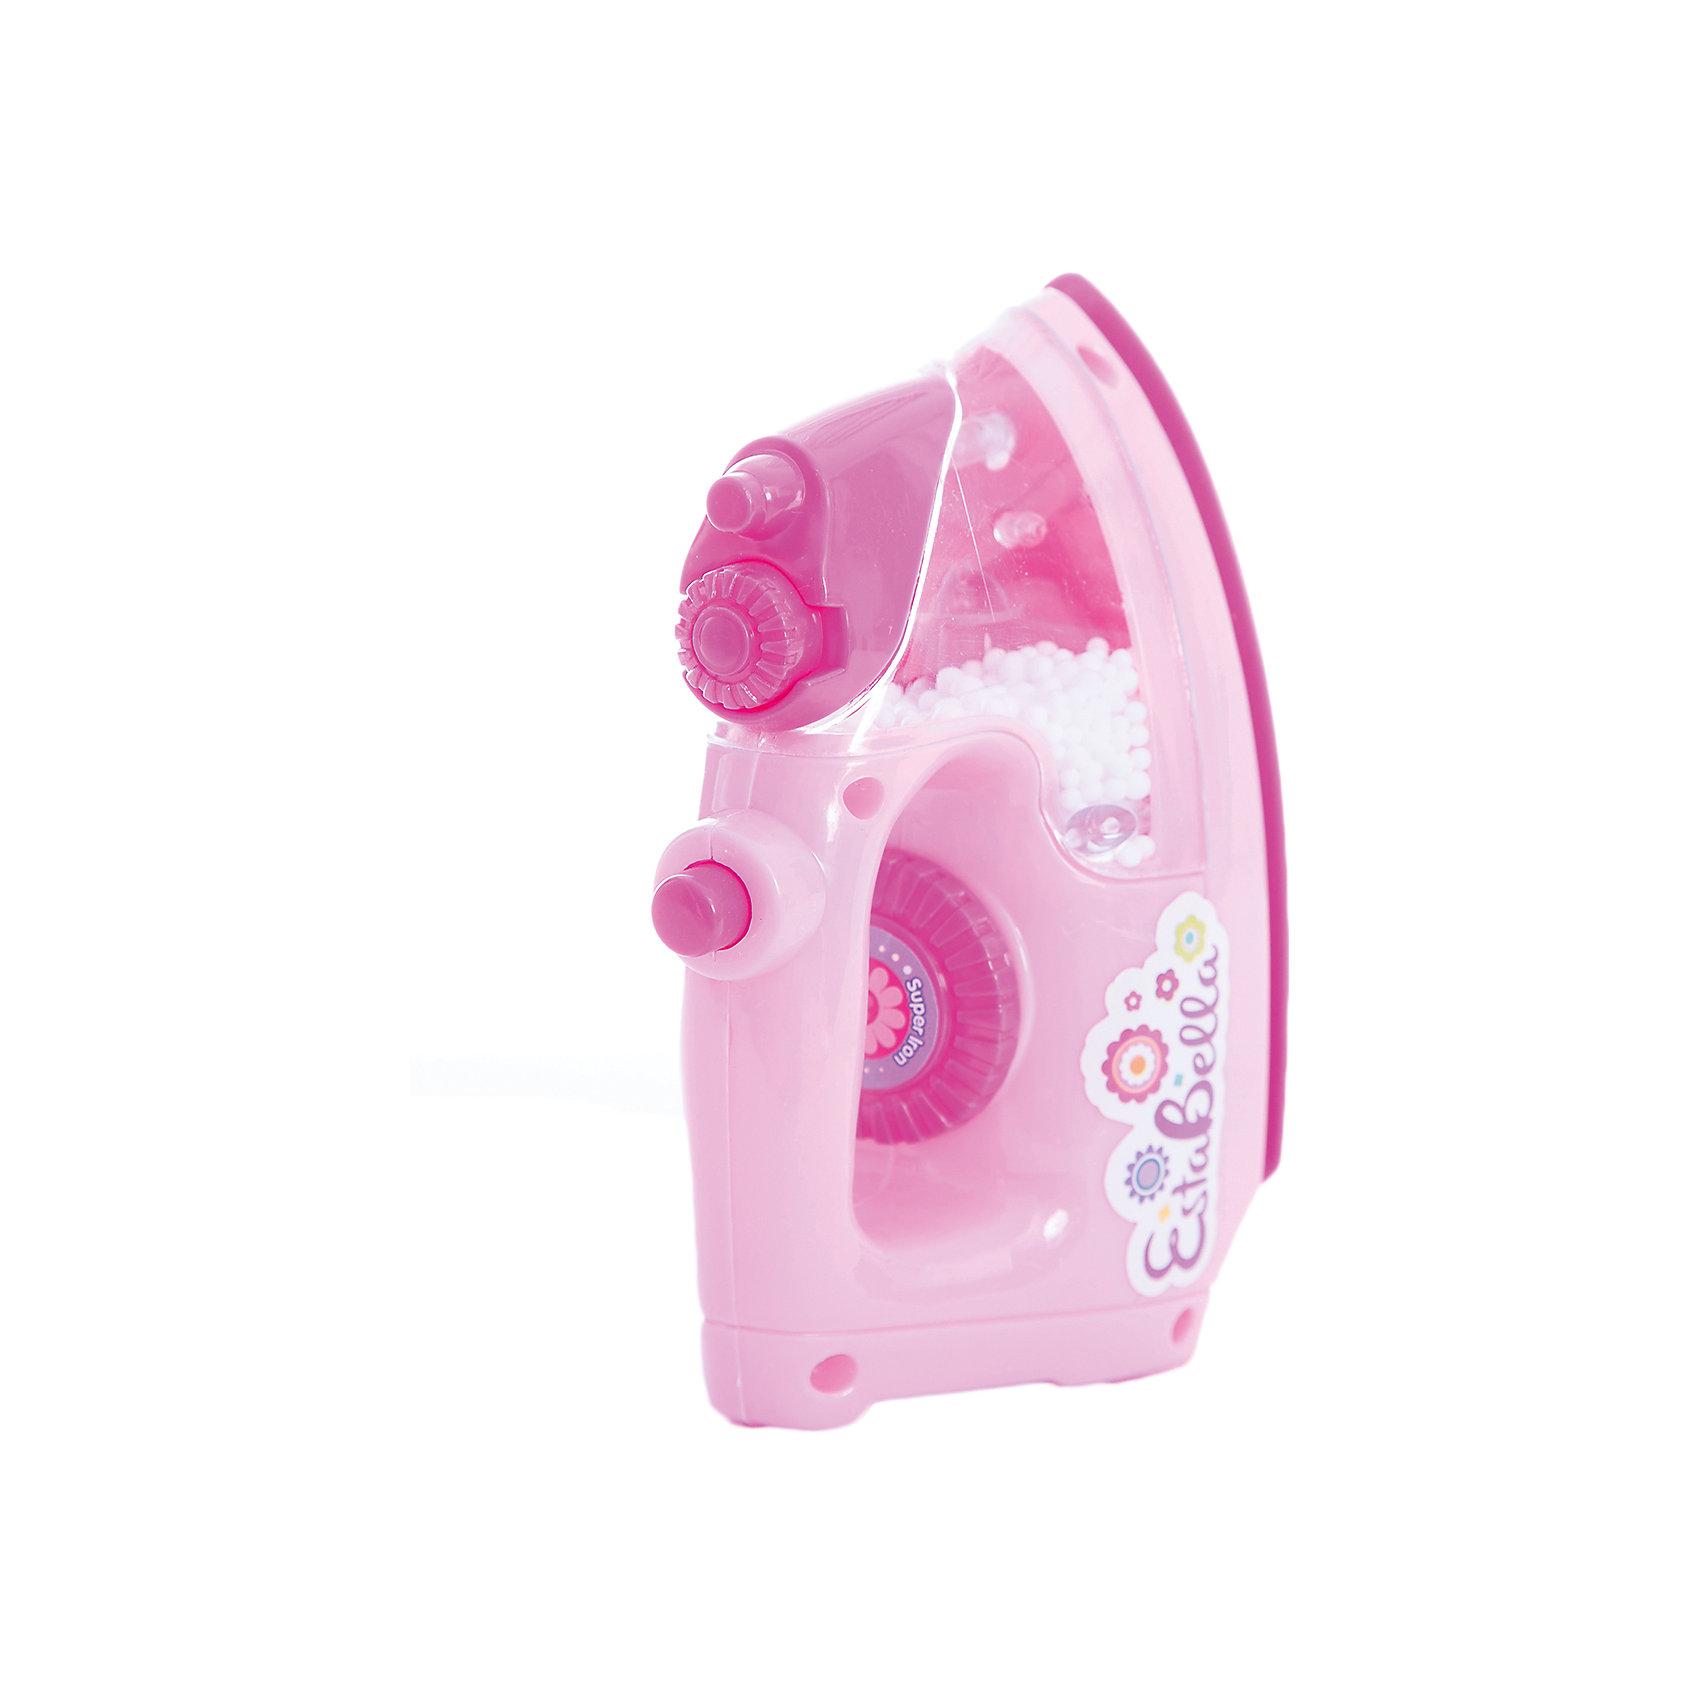 Игрушка Утюг, EstaBellaИгрушка Утюг, EstaBella (Эстабелла).<br><br>Характеристики:<br><br>• световые и звуковые эффекты<br>• полностью безопасен для ребенка<br>• материал: пластик<br>• вес: 190 грамм<br>• размер упаковки: 15х9х17 см<br><br>Утюг EstaBella (Эстабелла) - копия настоящего утюга. Он имеет несколько кнопок и удобную ручку. Световые и звуковые эффекты сделают игру еще более интереснее! После этой игрушки девочка с радостью будет помогать маме гладить.<br><br>Вы можете купить игрушку Утюг, EstaBella (Эстабелла) в нашем интернет-магазине.<br><br>Ширина мм: 170<br>Глубина мм: 90<br>Высота мм: 150<br>Вес г: 190<br>Возраст от месяцев: 36<br>Возраст до месяцев: 120<br>Пол: Женский<br>Возраст: Детский<br>SKU: 5017654